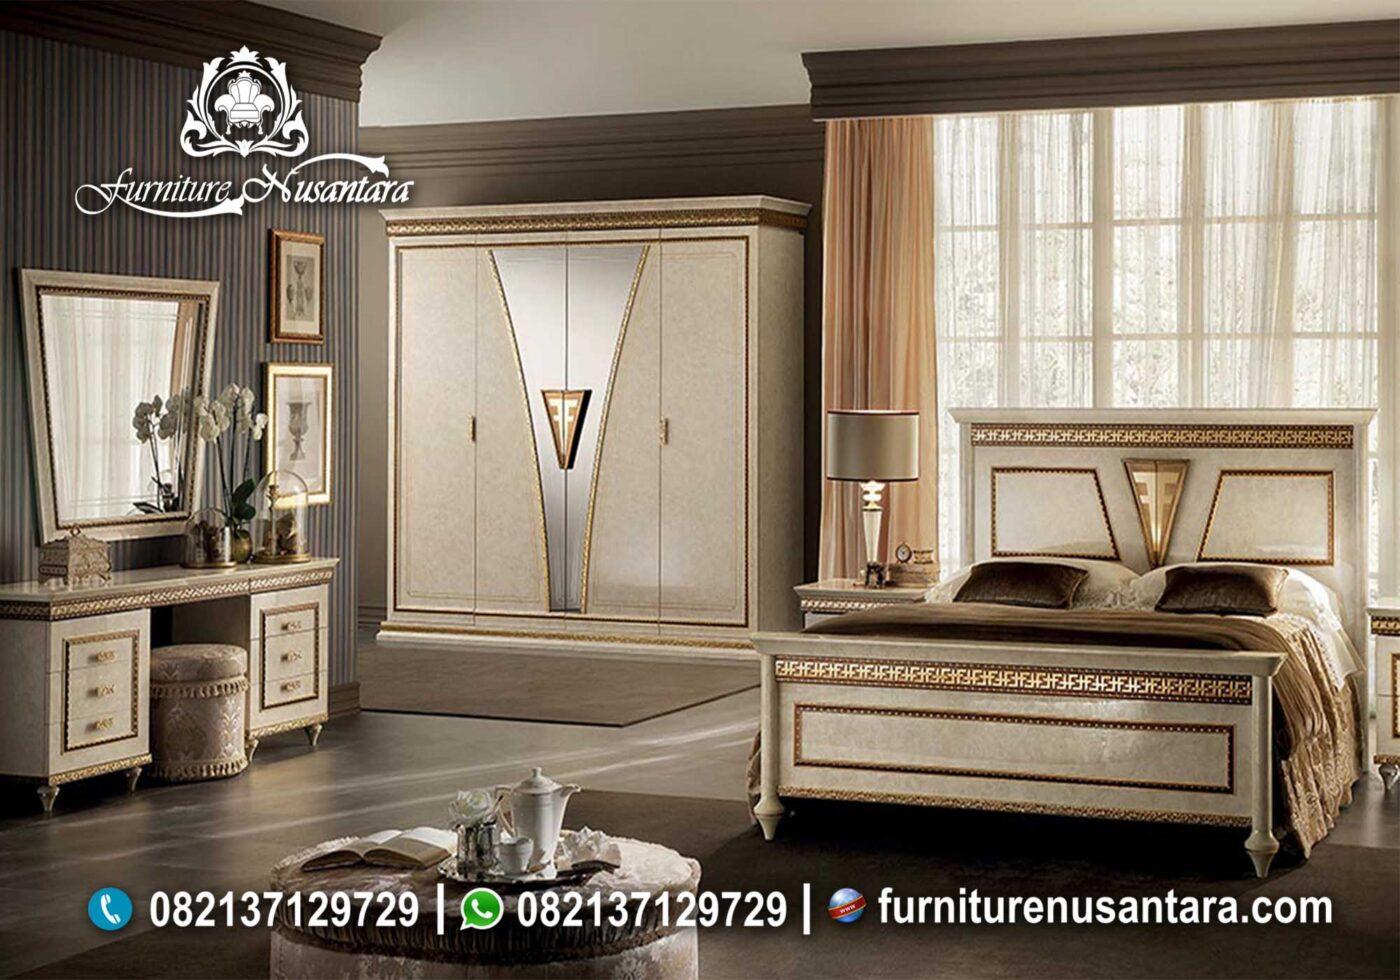 Desain Interior Kamar Minimalis Terbaik KS-70, Furniture Nusantara